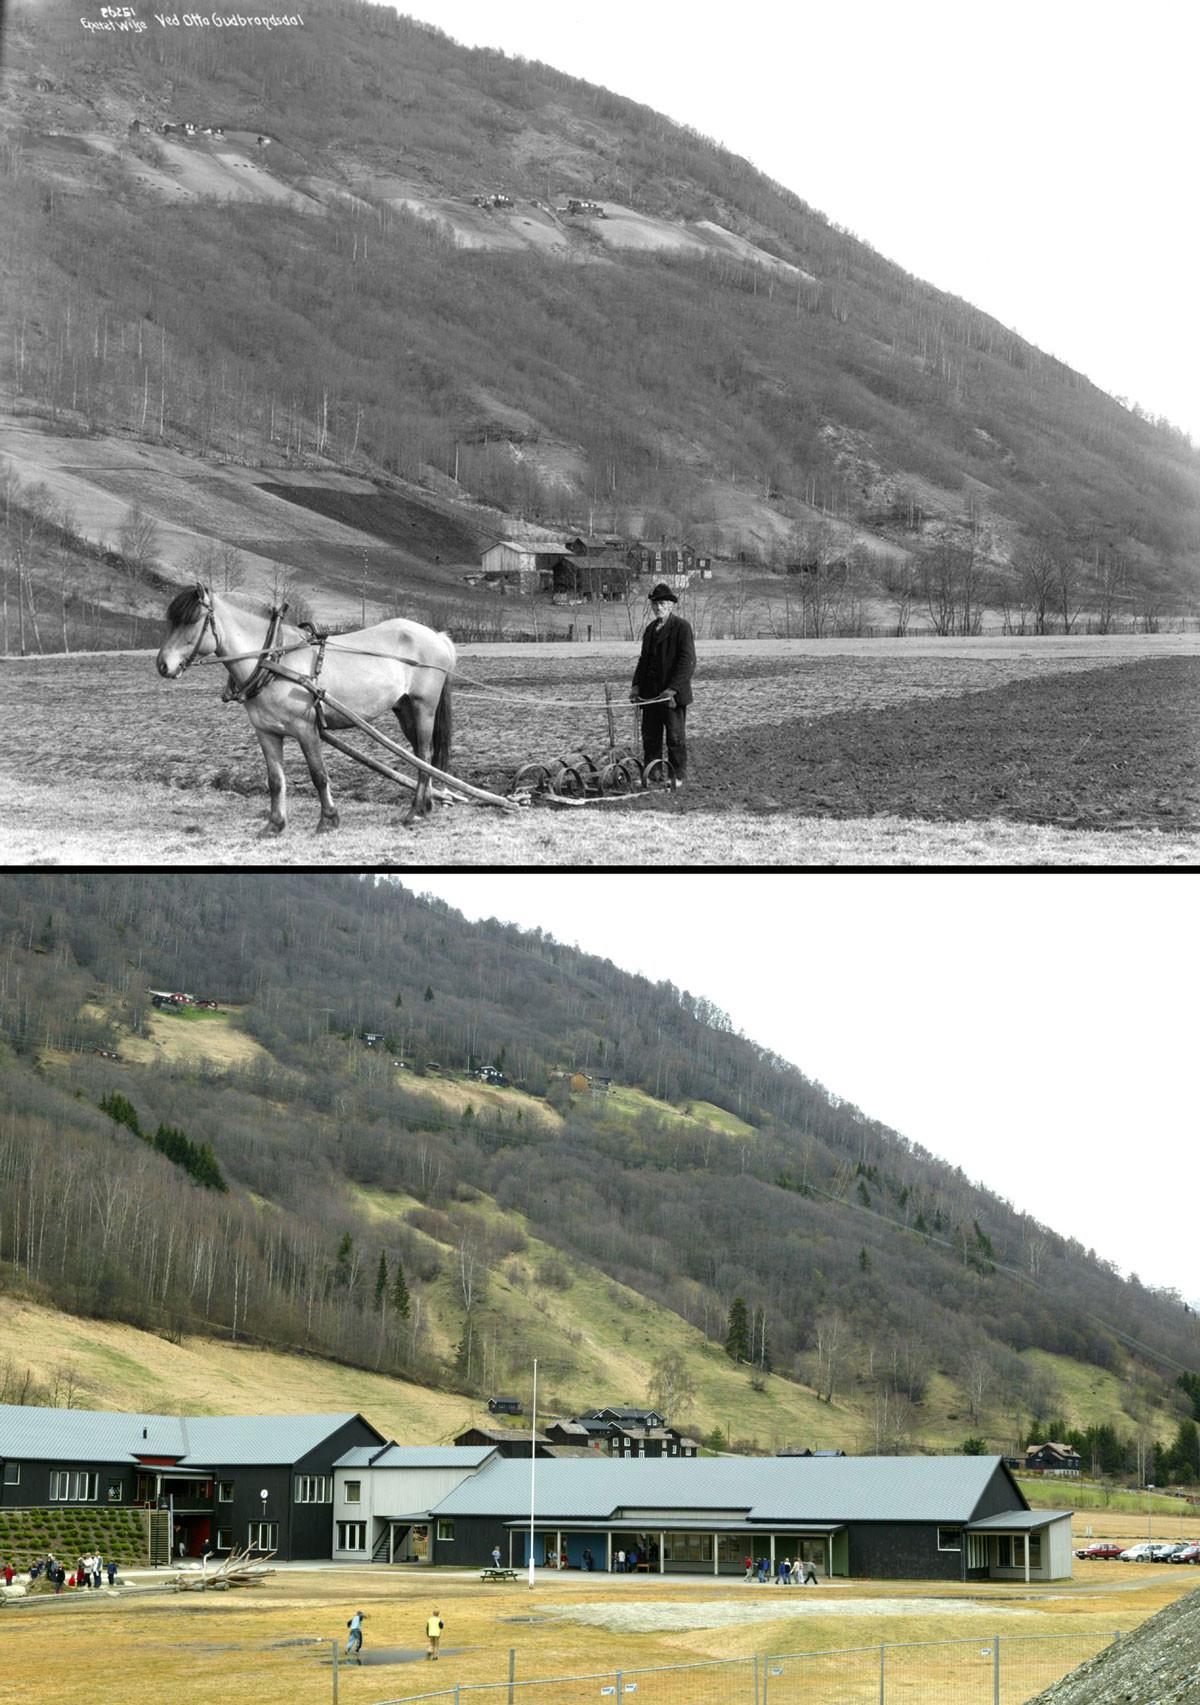 Noruega antes e após o petróleo: a transformação do país em imagens 10